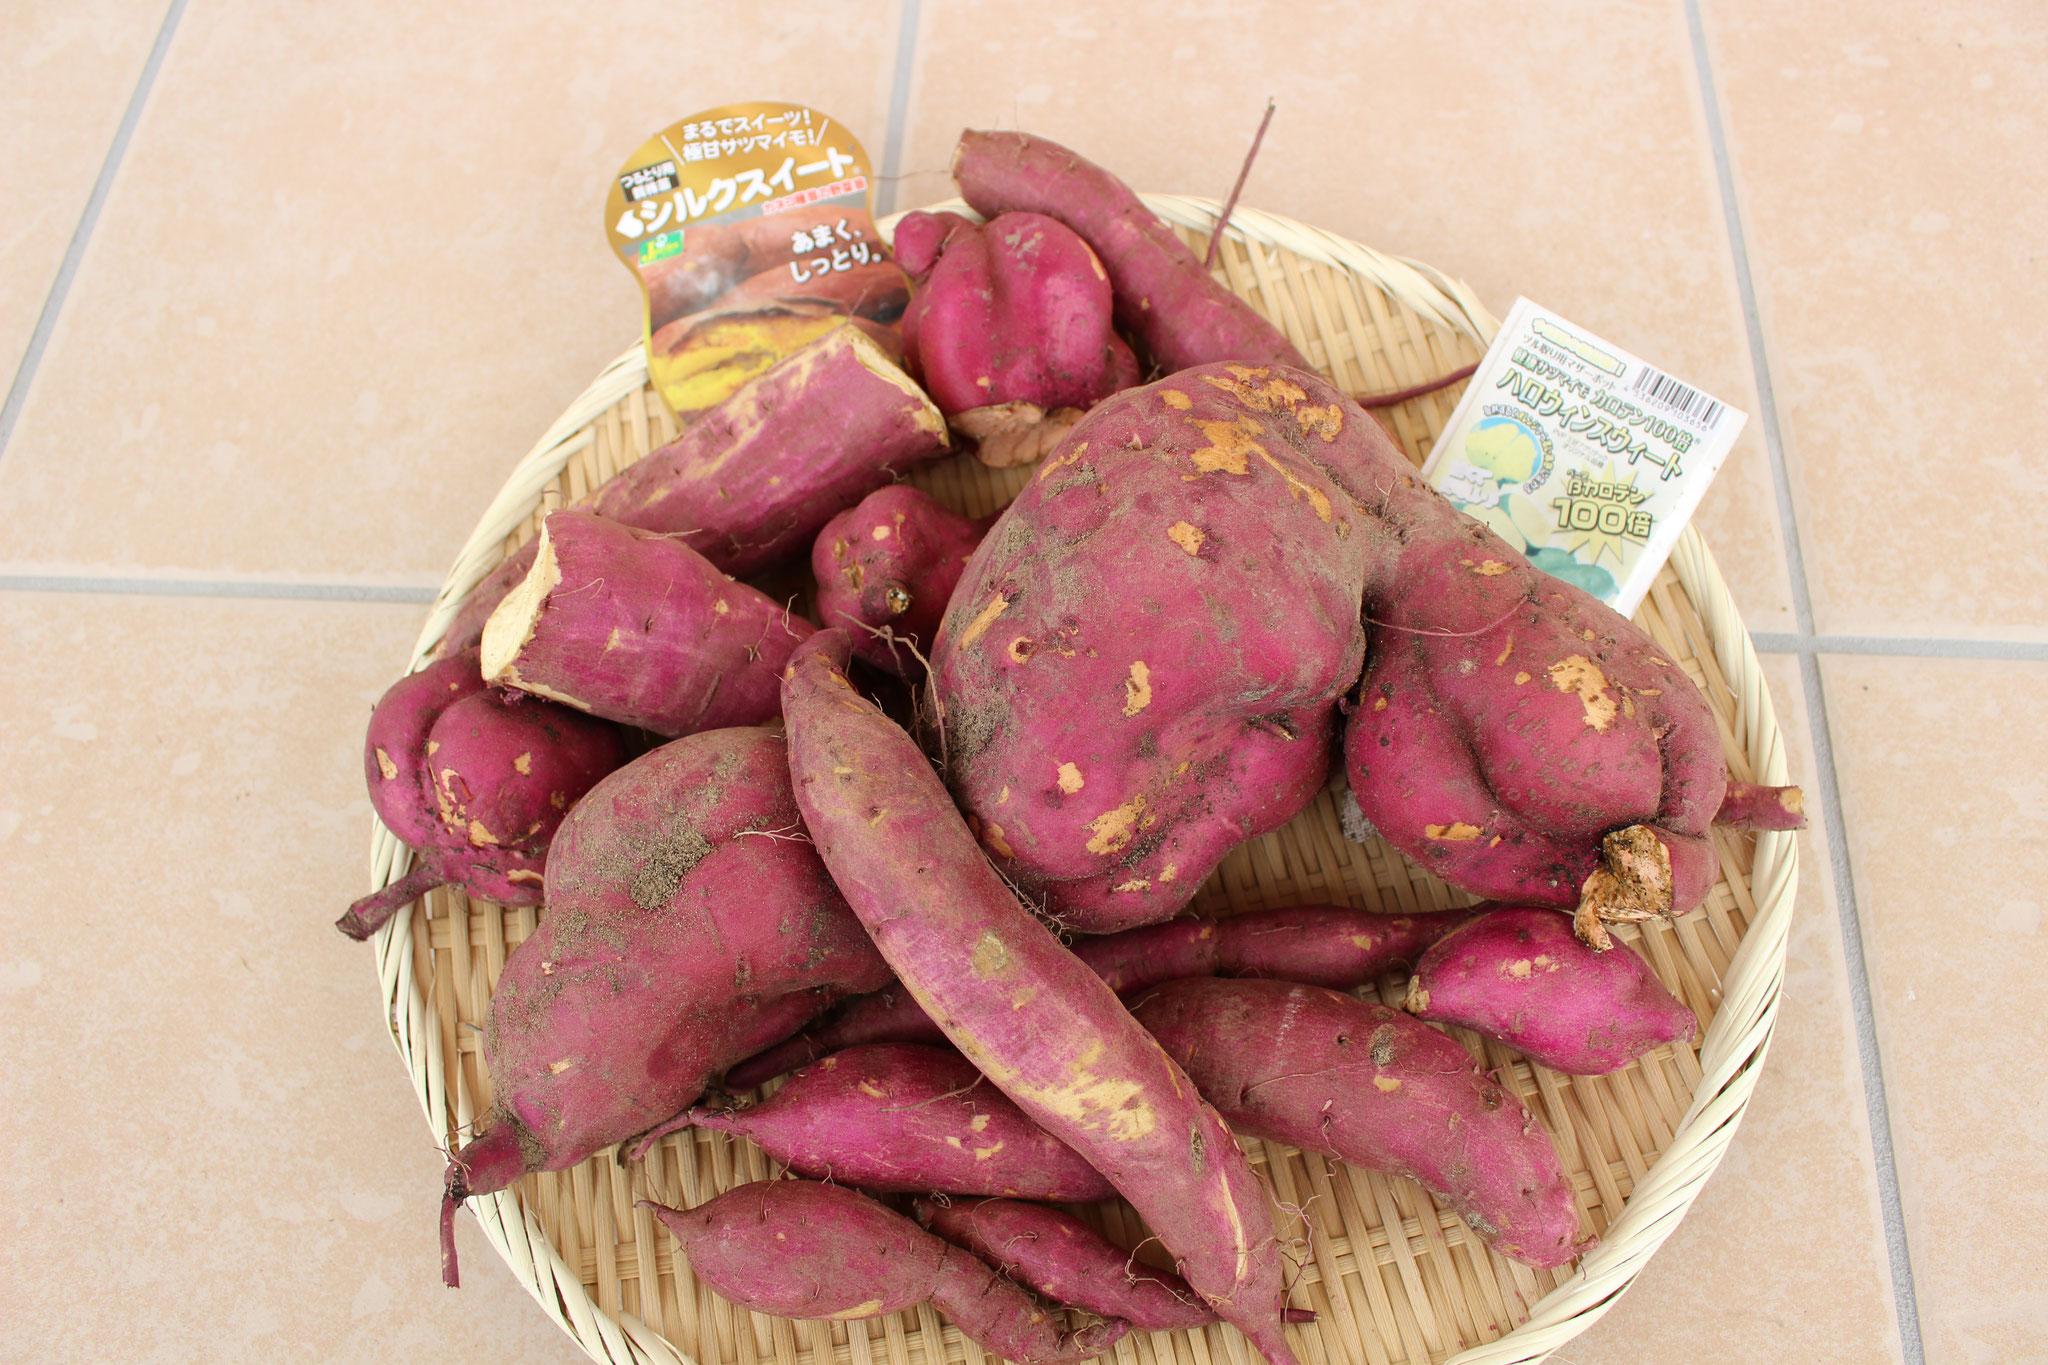 サツマイモは2種類あります。シルクスィートとハロウィンスィートです。甘さがますように これからしばし天日干しに入ります(o_ _)o))!